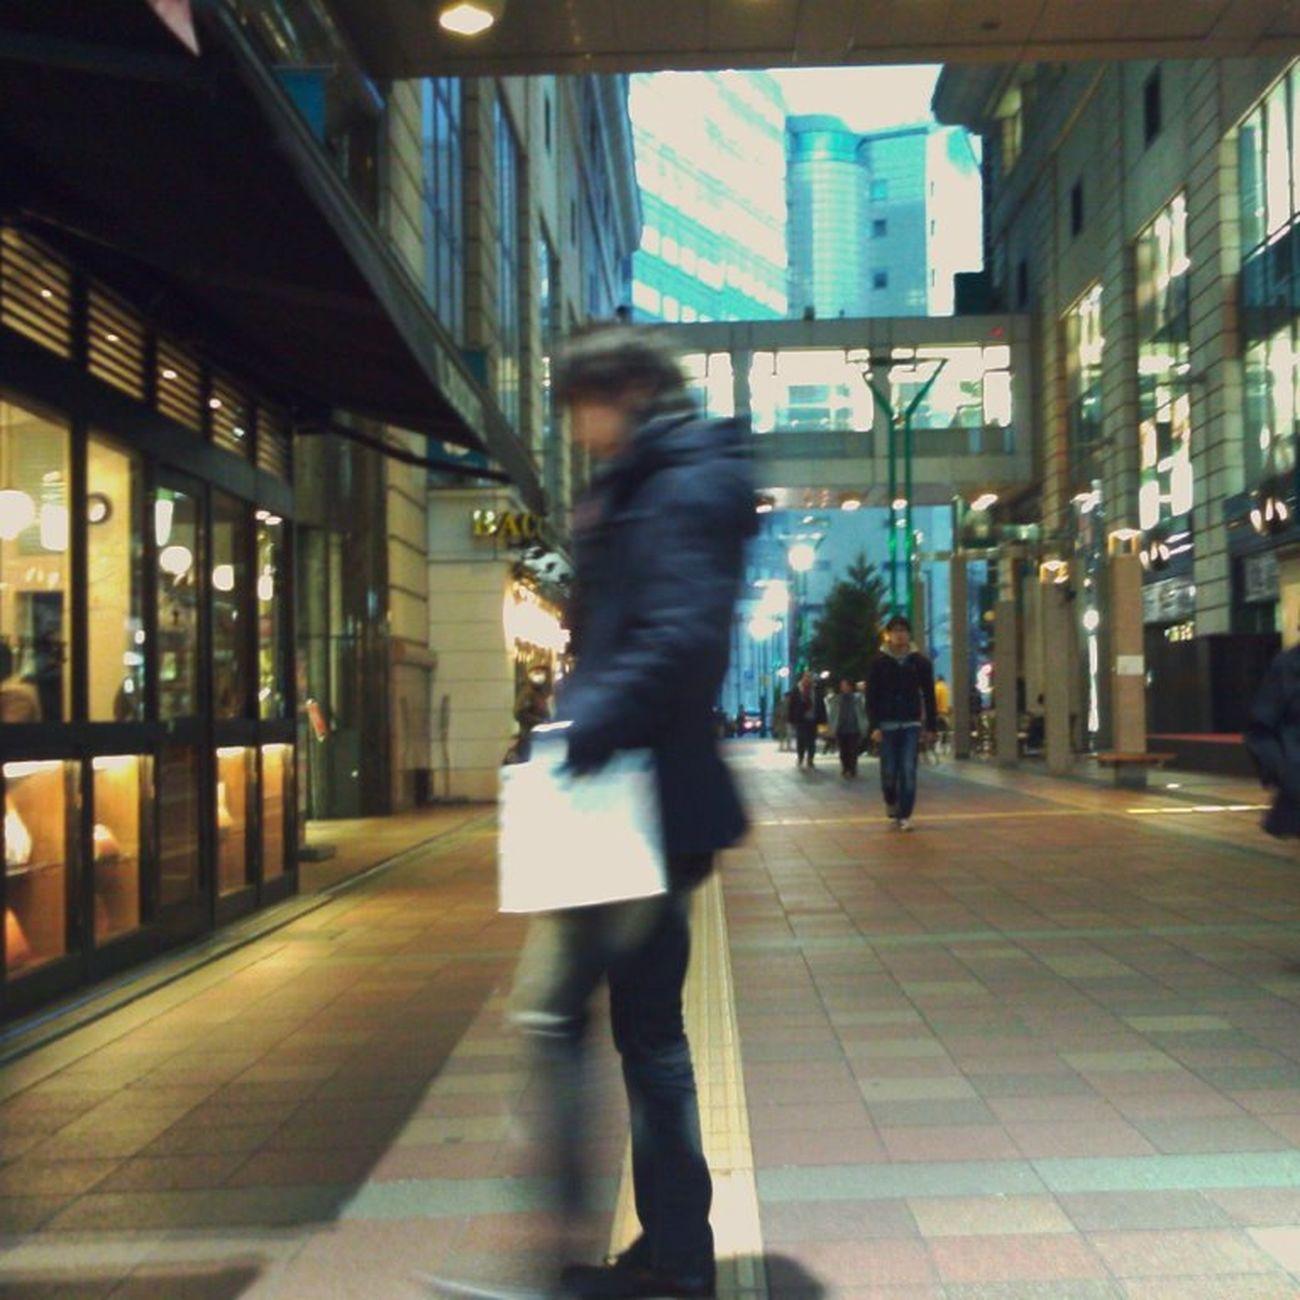 久しぶりのトイカメラ。なんかいい感じ RolleiflexMiniDigi Fukuoka-shi Relaxing Japanese  Street Toycamera